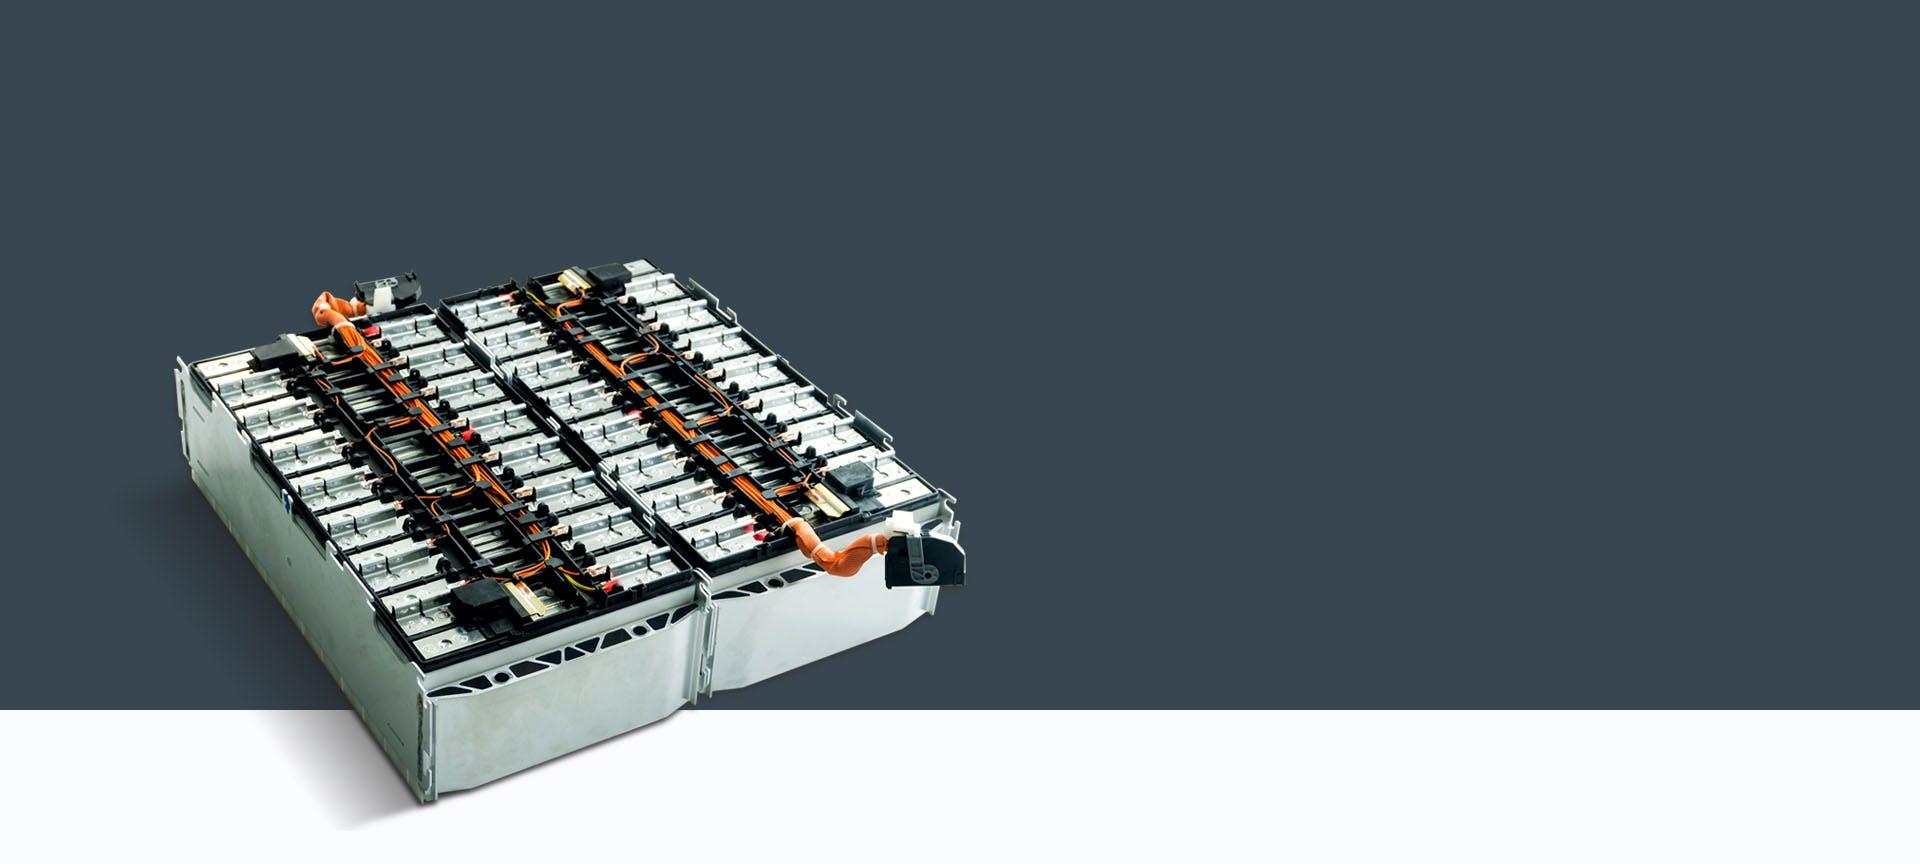 صندوق بطارية للمركبات الكهربائية على خلفية رمادية